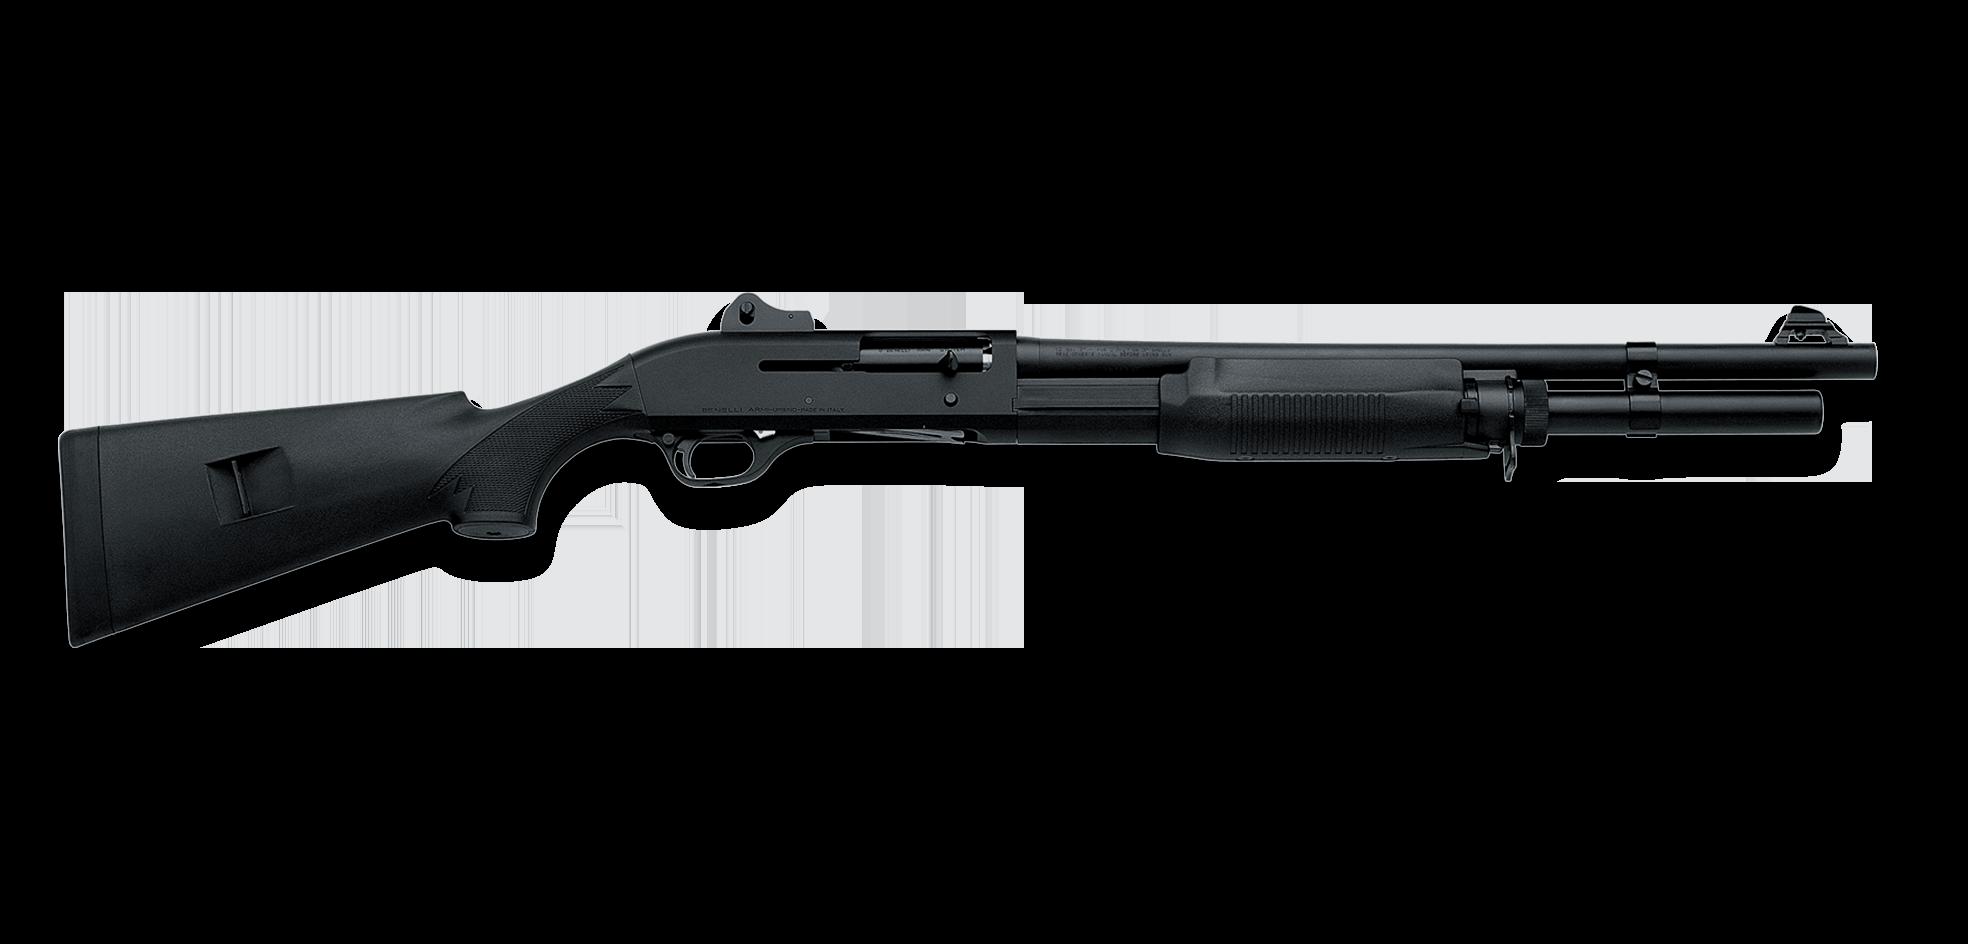 Benelli M2 Super 90